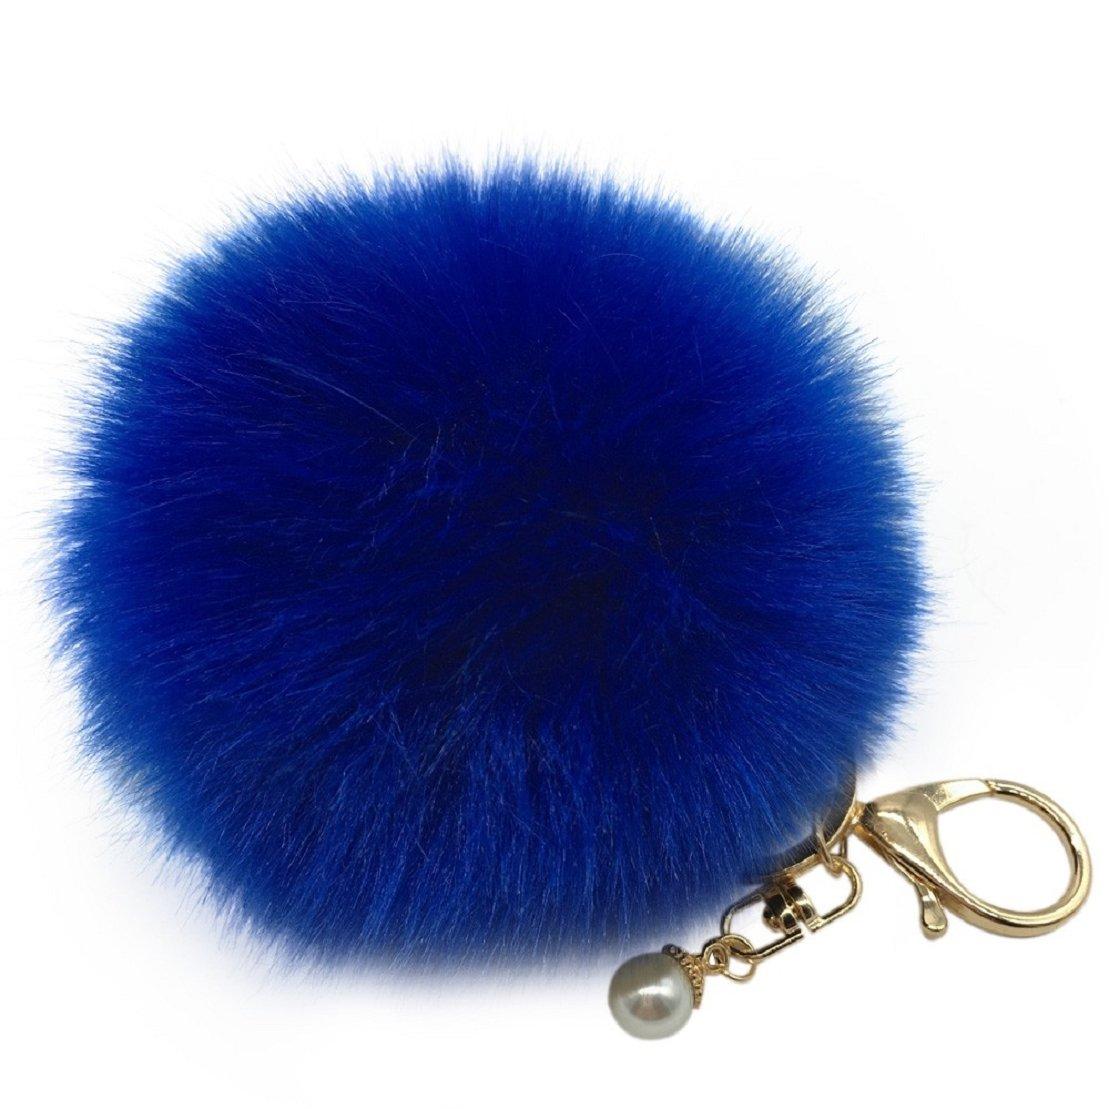 Amiley Fluffy Faux Rabbit Fur Ball Charm Pom Pom Car Keychain Handbag Key Ring (Dark Blue)